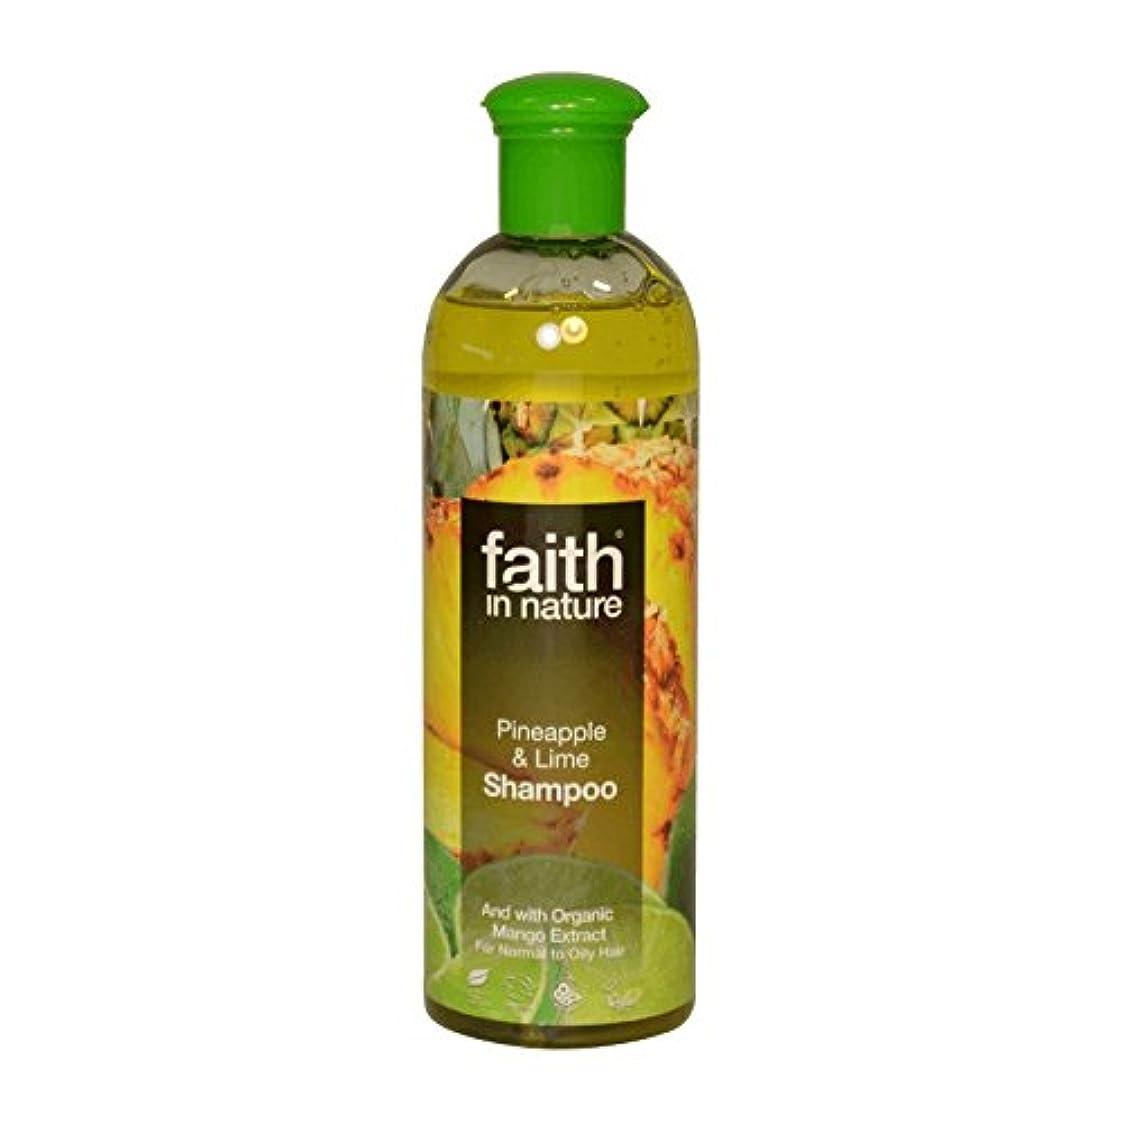 免疫するリスキーな爵Faith in Nature Pineapple & Lime Shampoo 400ml (Pack of 2) - 自然パイナップル&ライムシャンプー400ミリリットルの信仰 (x2) [並行輸入品]